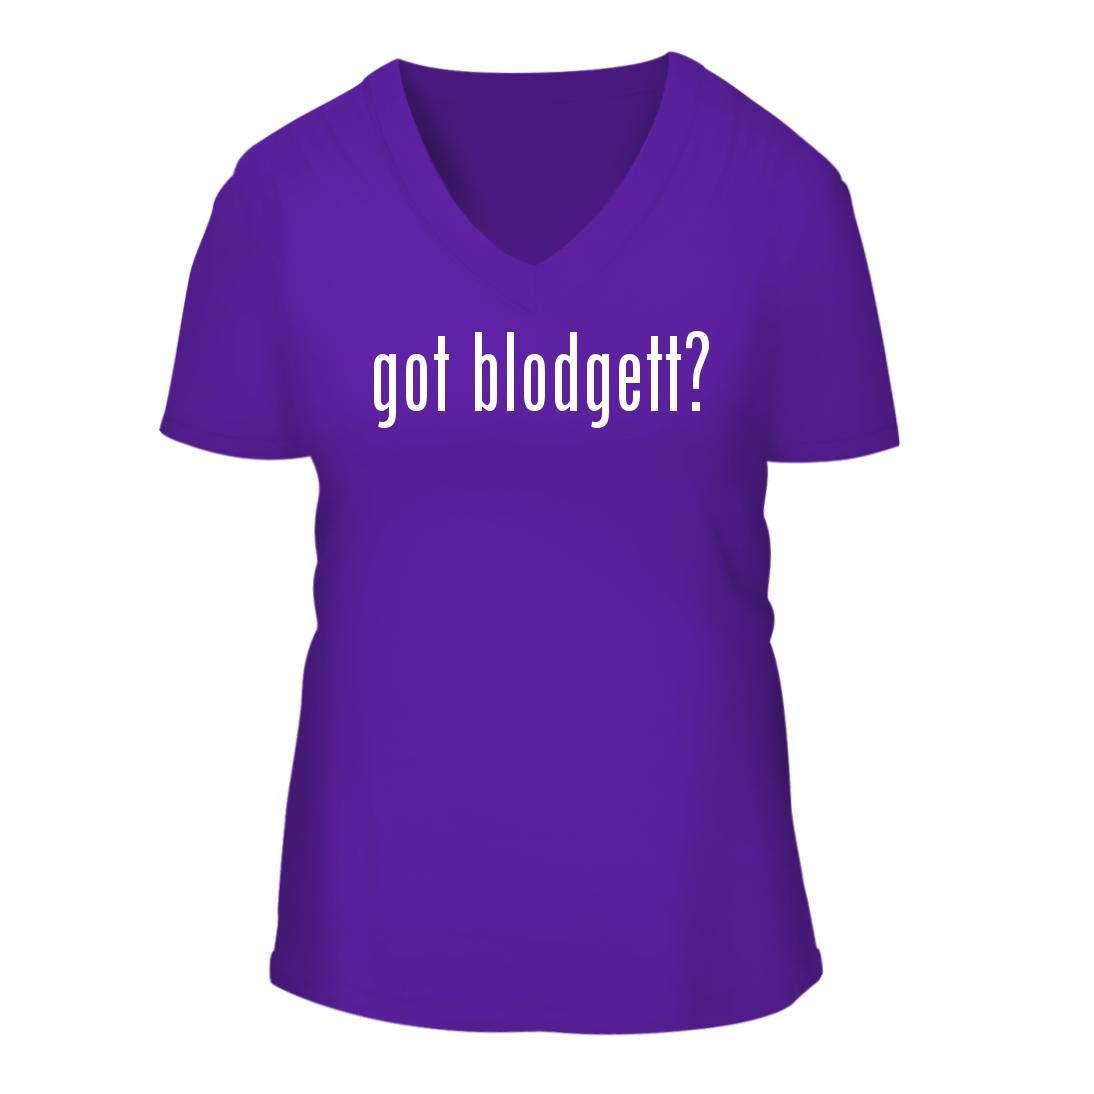 got Blodgett? - A Nice Women